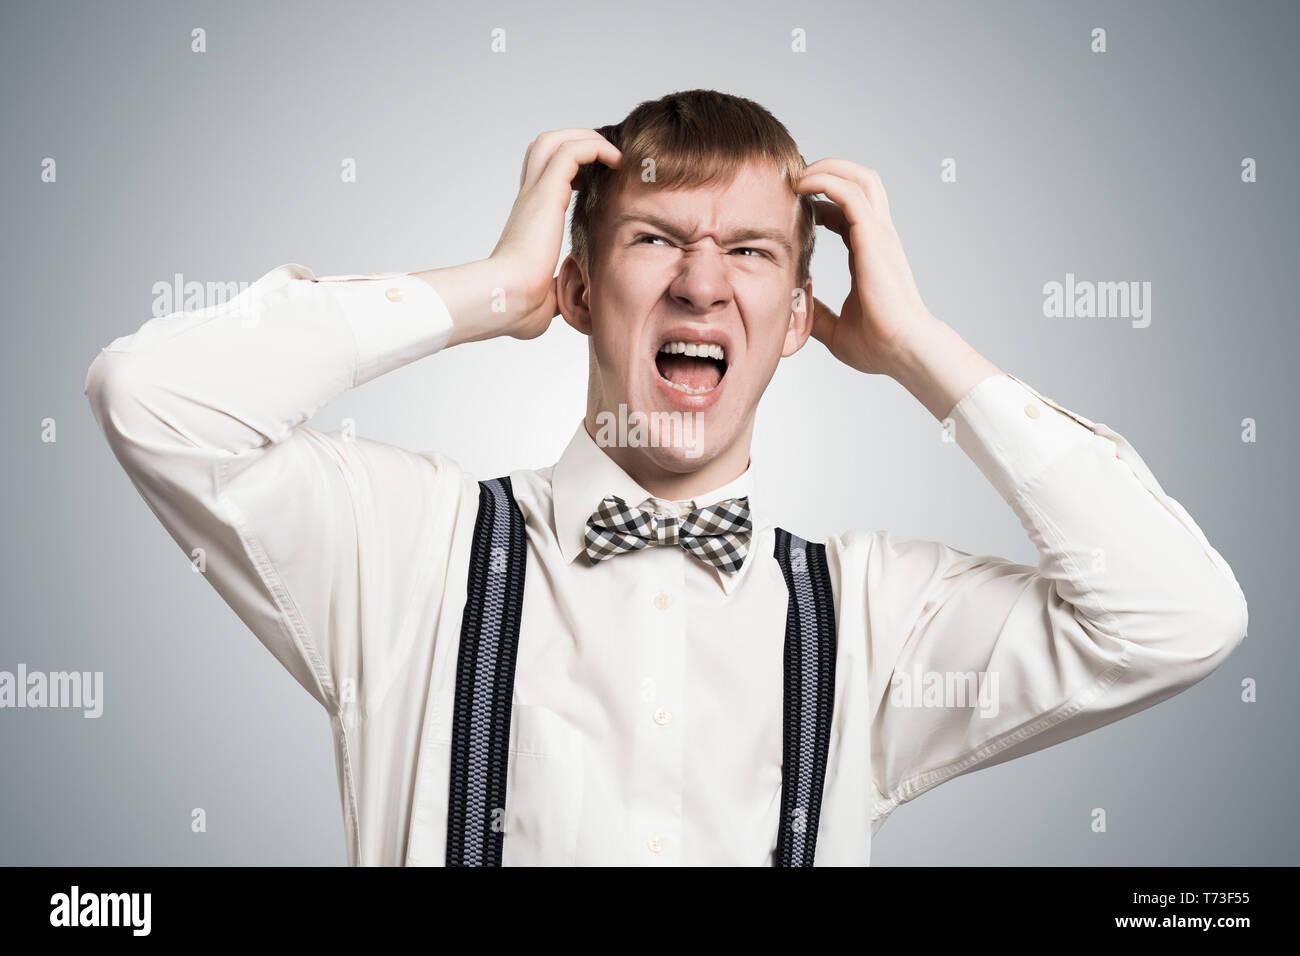 Estresante hipster gritando con pánico Imagen De Stock